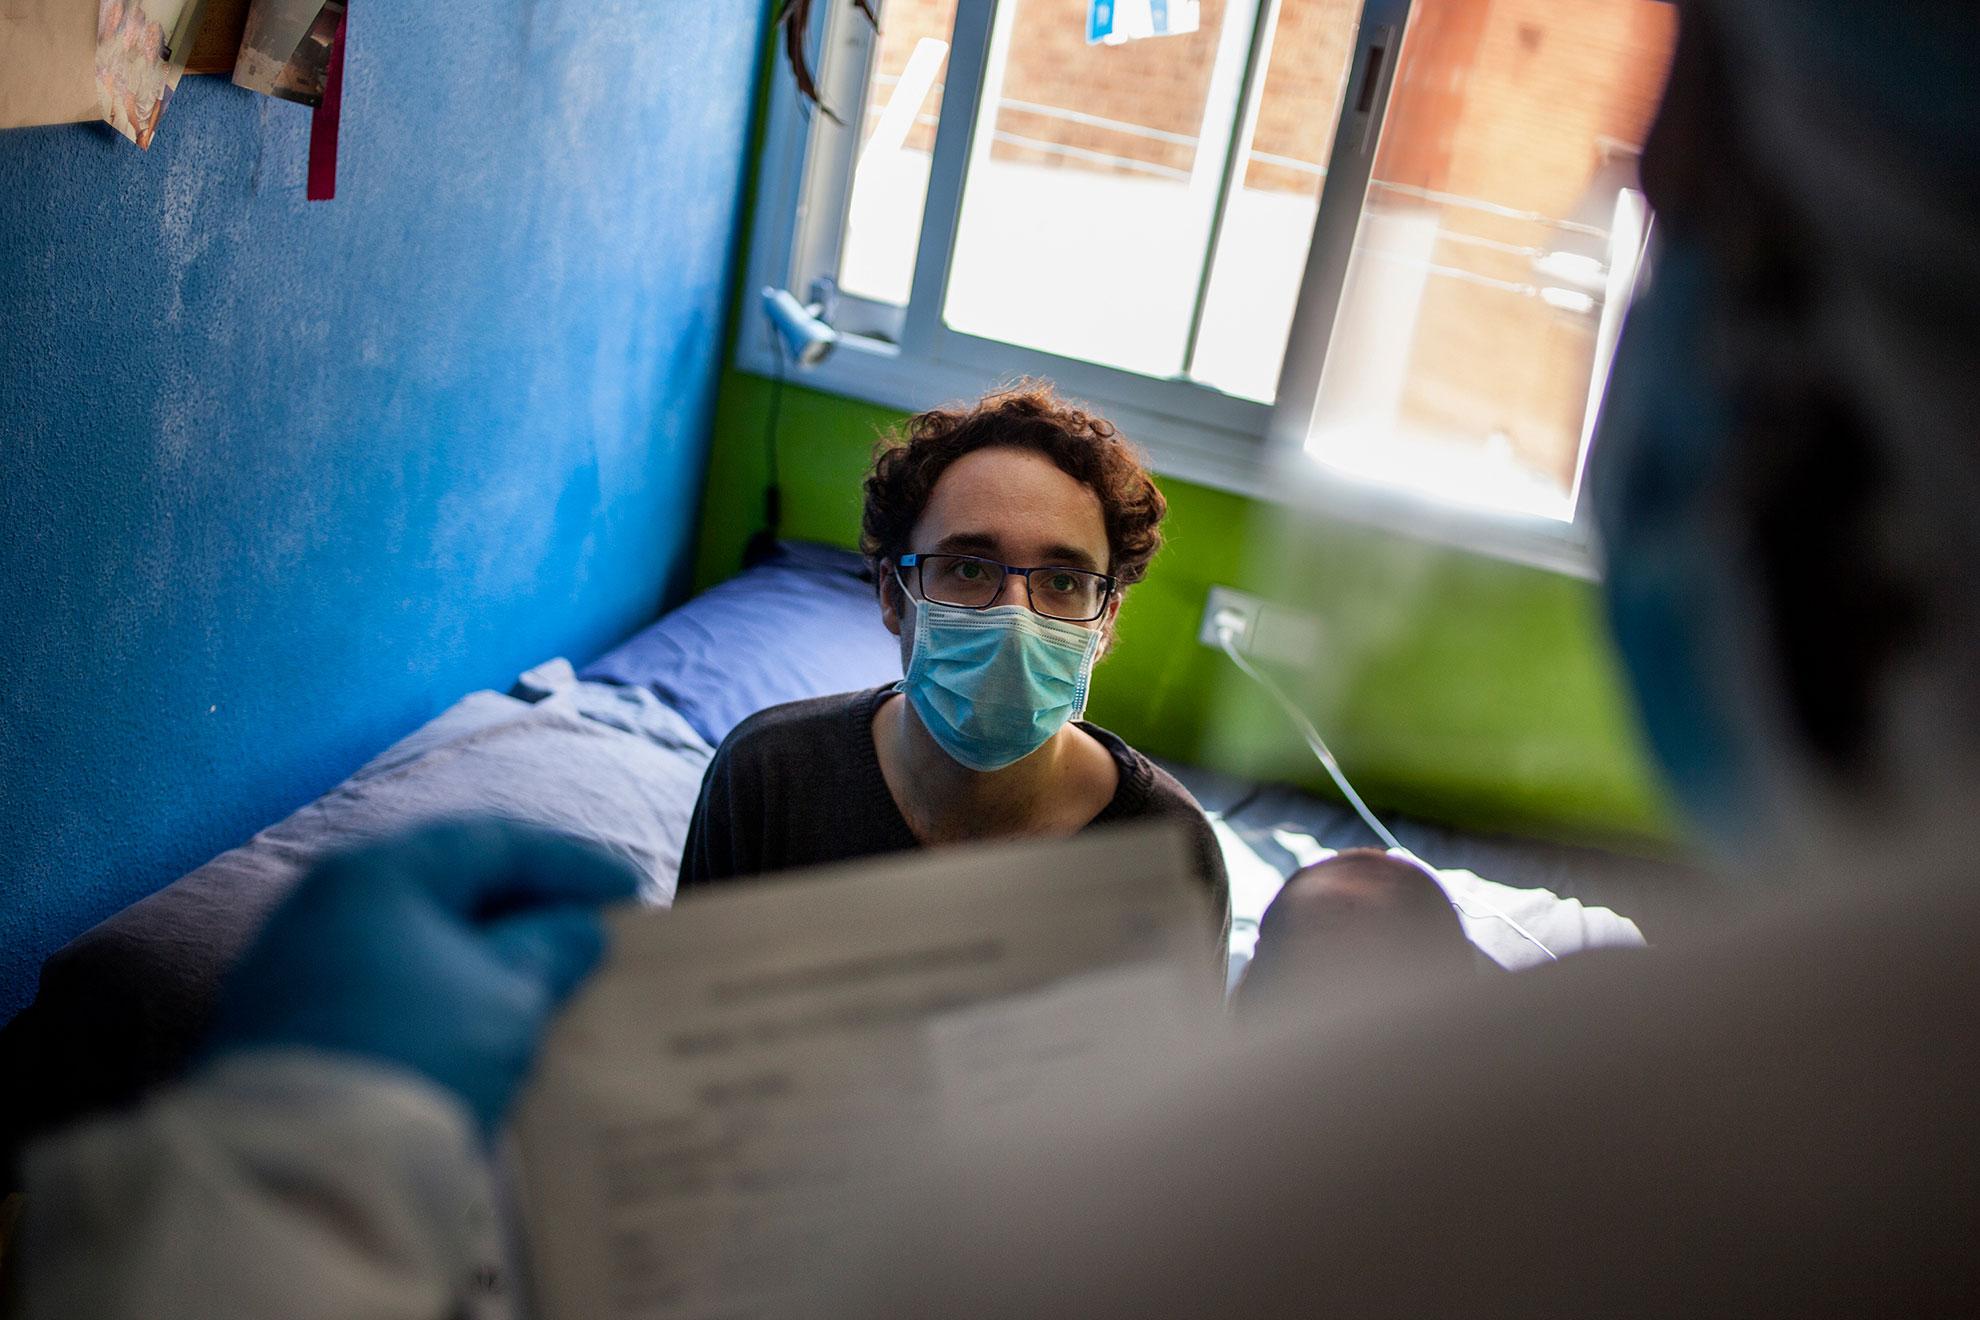 Un chico que presentaba síntomas leves , en la habitación de su casa, es atendido por un sanitario que le explica y realiza las pruebas para el ensayo clínico en el que colaboran los trabajadores humanitarios de la ONG española Open Arms y que llevan a cabo pruebas de detección de coronavirus en el hogar de ancianos y en hogares privados en Cataluña, España. La iniciativa es parte de un ensayo clínico dirigido por los médicos Oriol Mitja y Bonaventura Clotet, de la Fundación Lluita contra el SIDA y el Hospital Germans Trias, centrados en reducir la transmisión del virus. España ha visto el jueves un nuevo récord en muertes relacionadas con virus que se produjo cuando el país está viendo disminuir el contagio, los datos del Ministerio de Salud mostraron que España se encuentra cara a cara con Italia, el país que vio el peor brote en Europa. El coronavirus COVID-19 causa síntomas leves o moderados para la mayoría de las personas, pero para algunos, especialmente los adultos mayores y las personas con problemas de salud existentes, puede causar enfermedades más graves o la muerte.